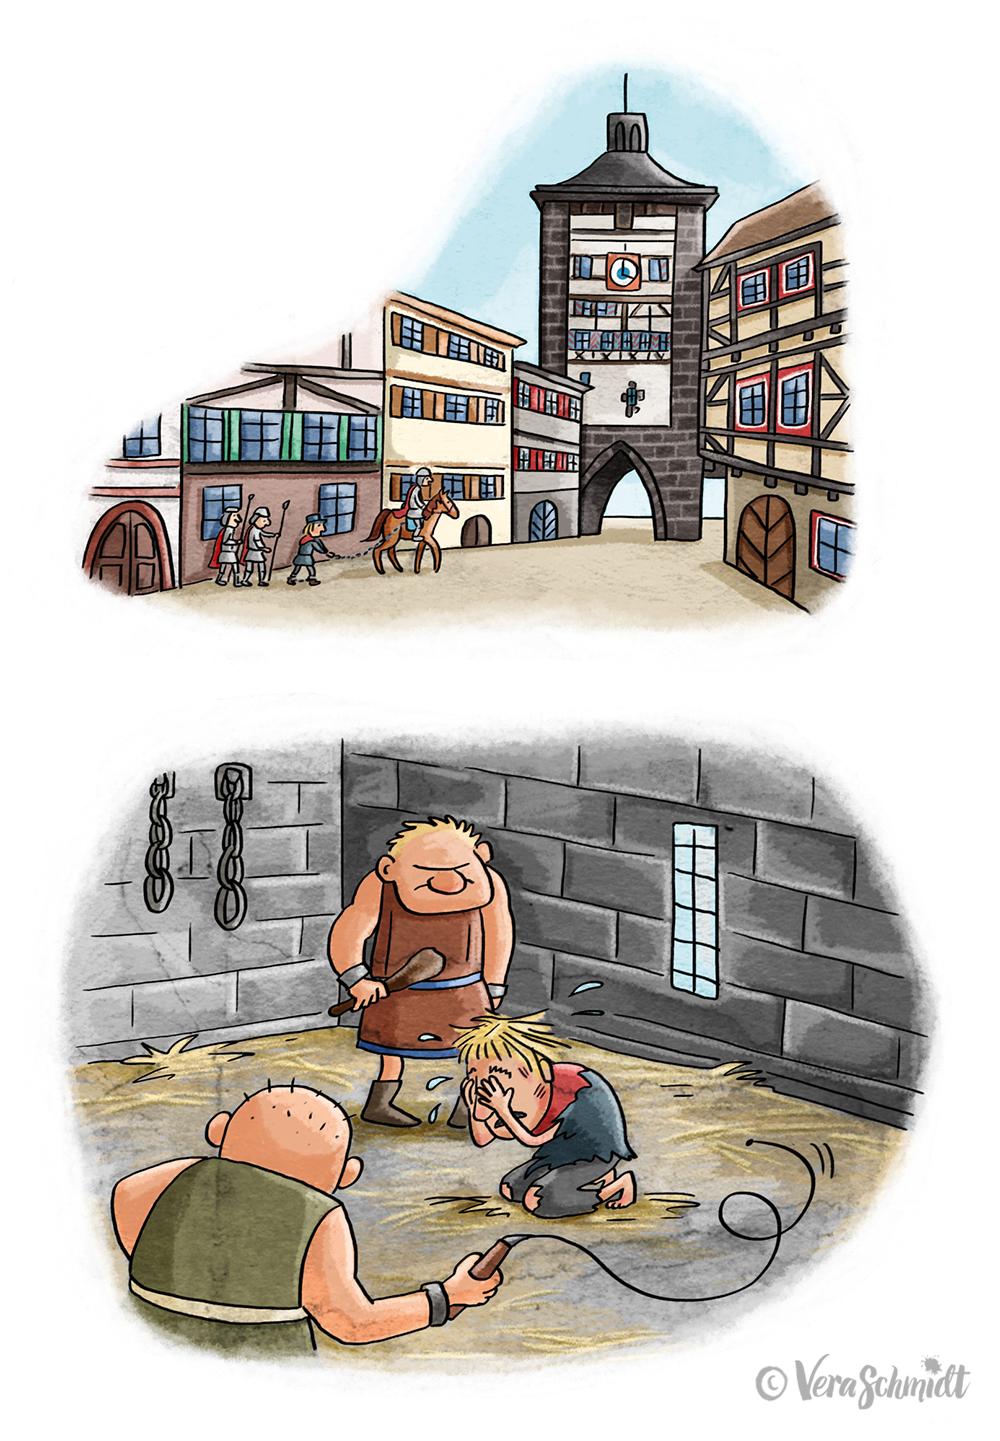 VeraSchmidtIllustration_PM3.jpg